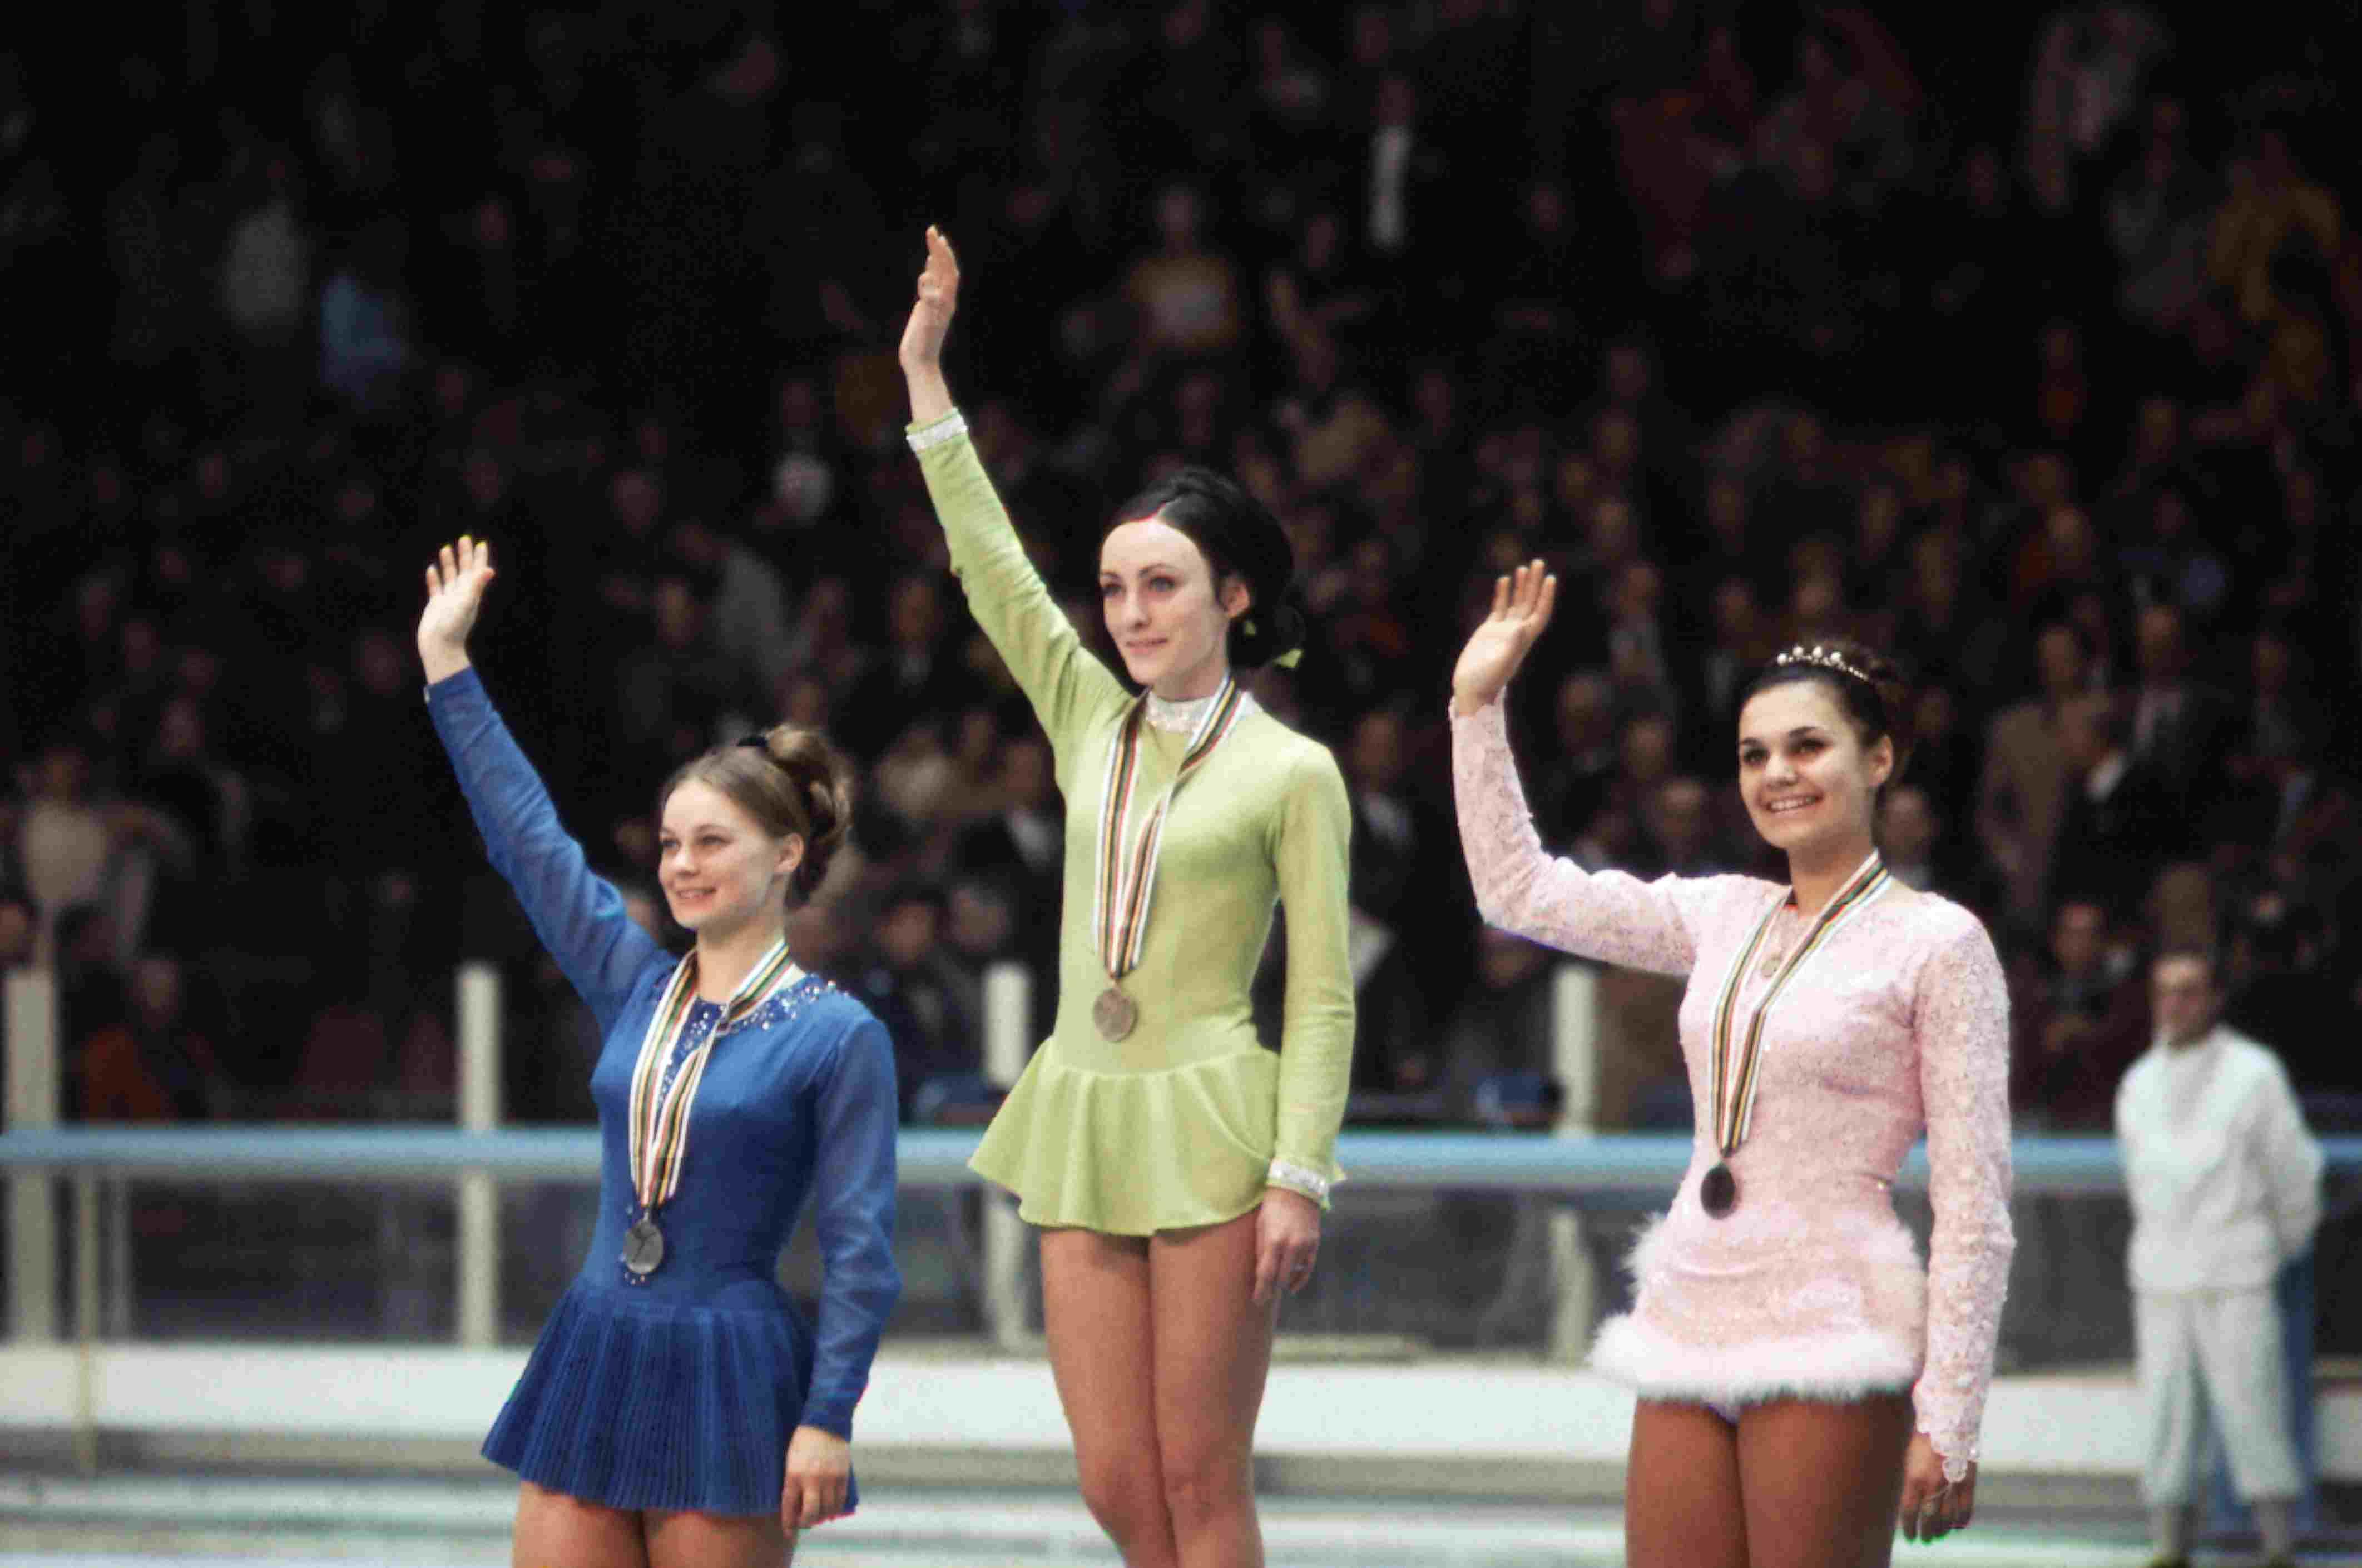 Olympic Ladies Skating Winners Waving